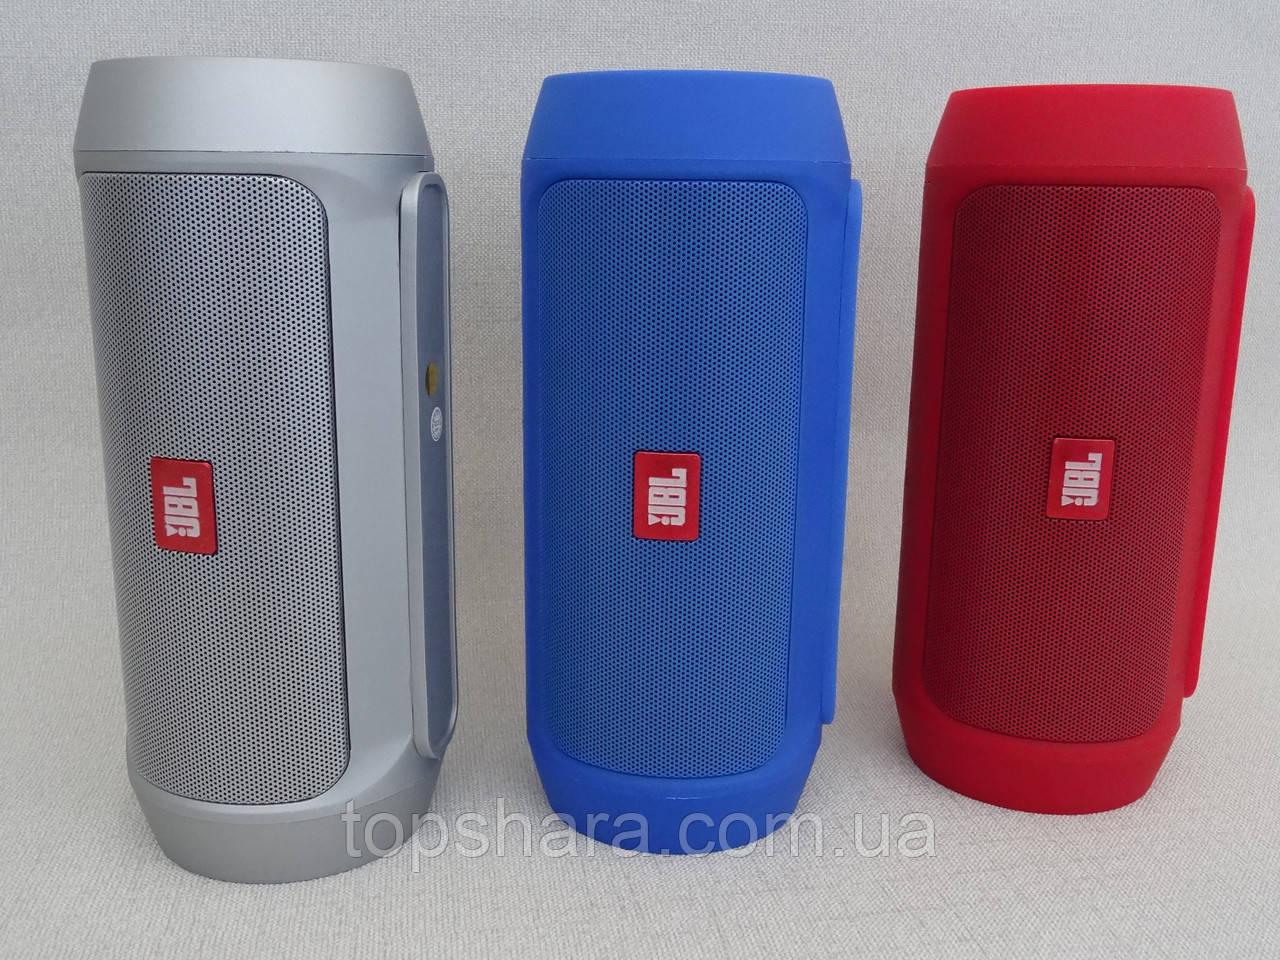 Колонка портативная беспроводная Bluetooth JBL Charge 2+ водонепроницаемая